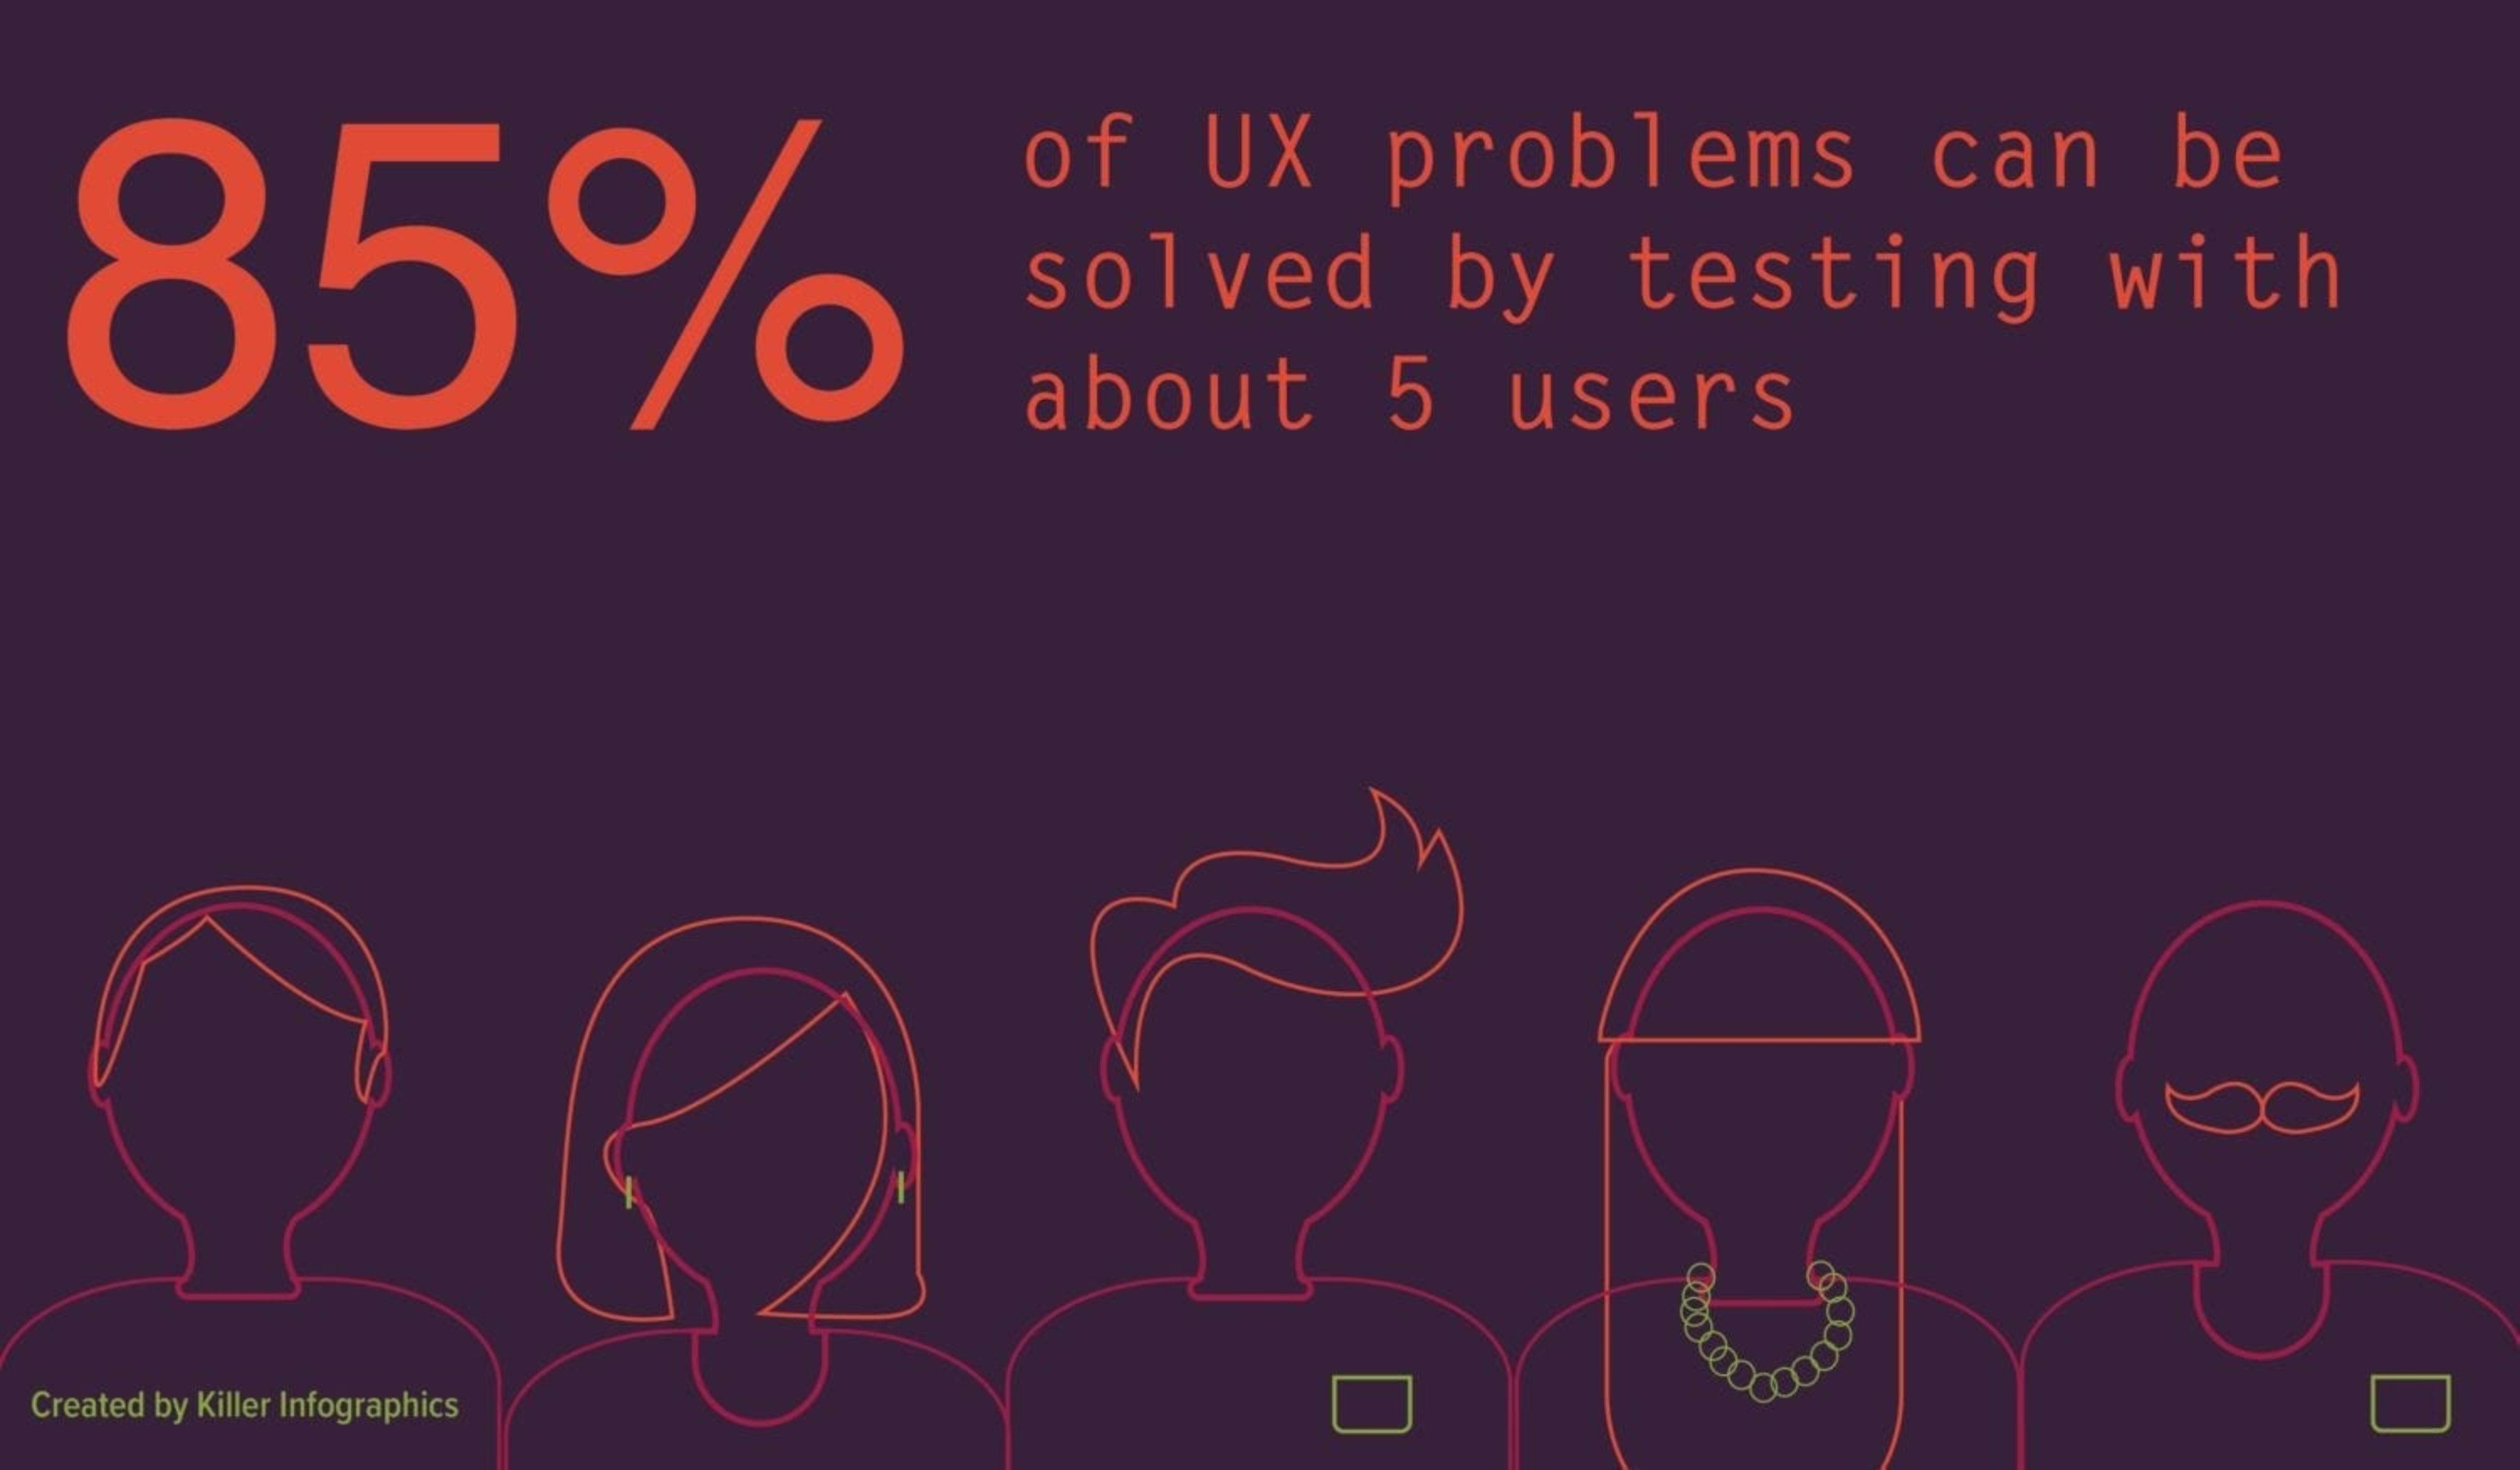 ux blog asset datavis 85 percent user testing